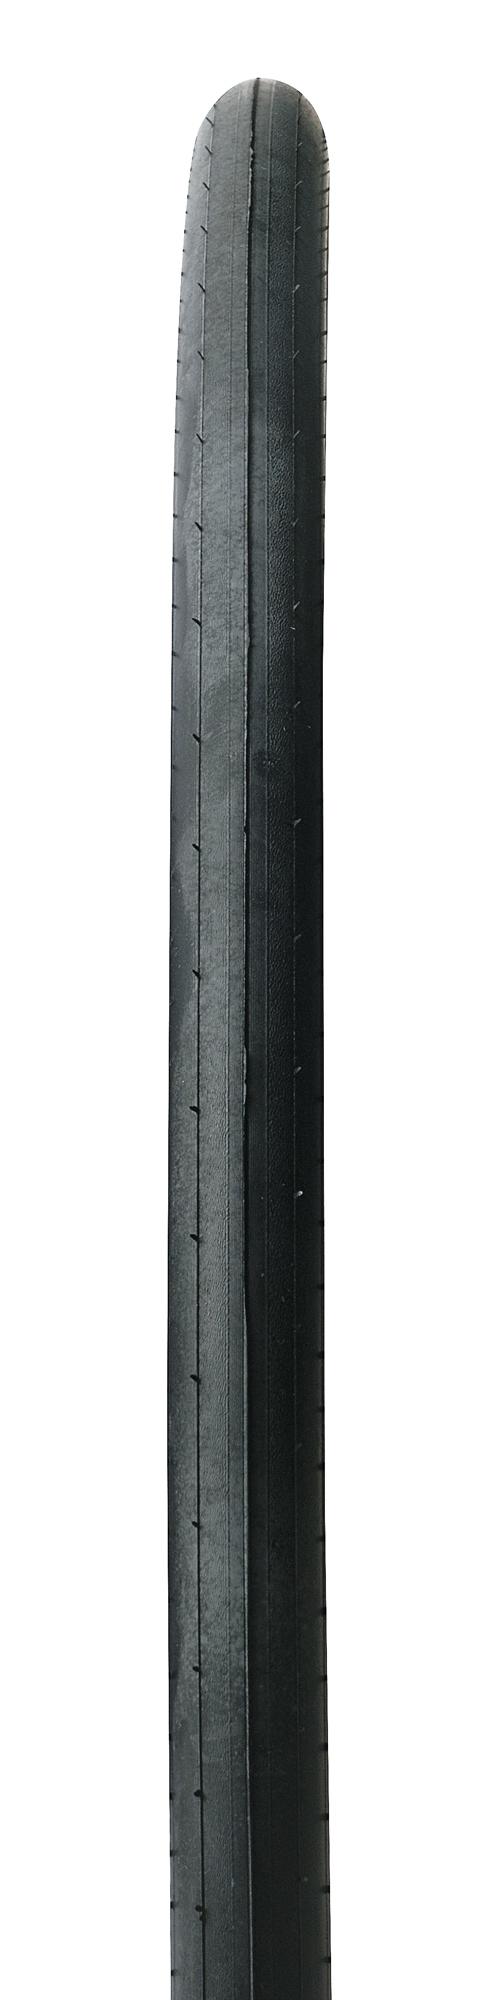 plášť HUTCH.EQUINOX 2 700x25 drát set 2ks, černý